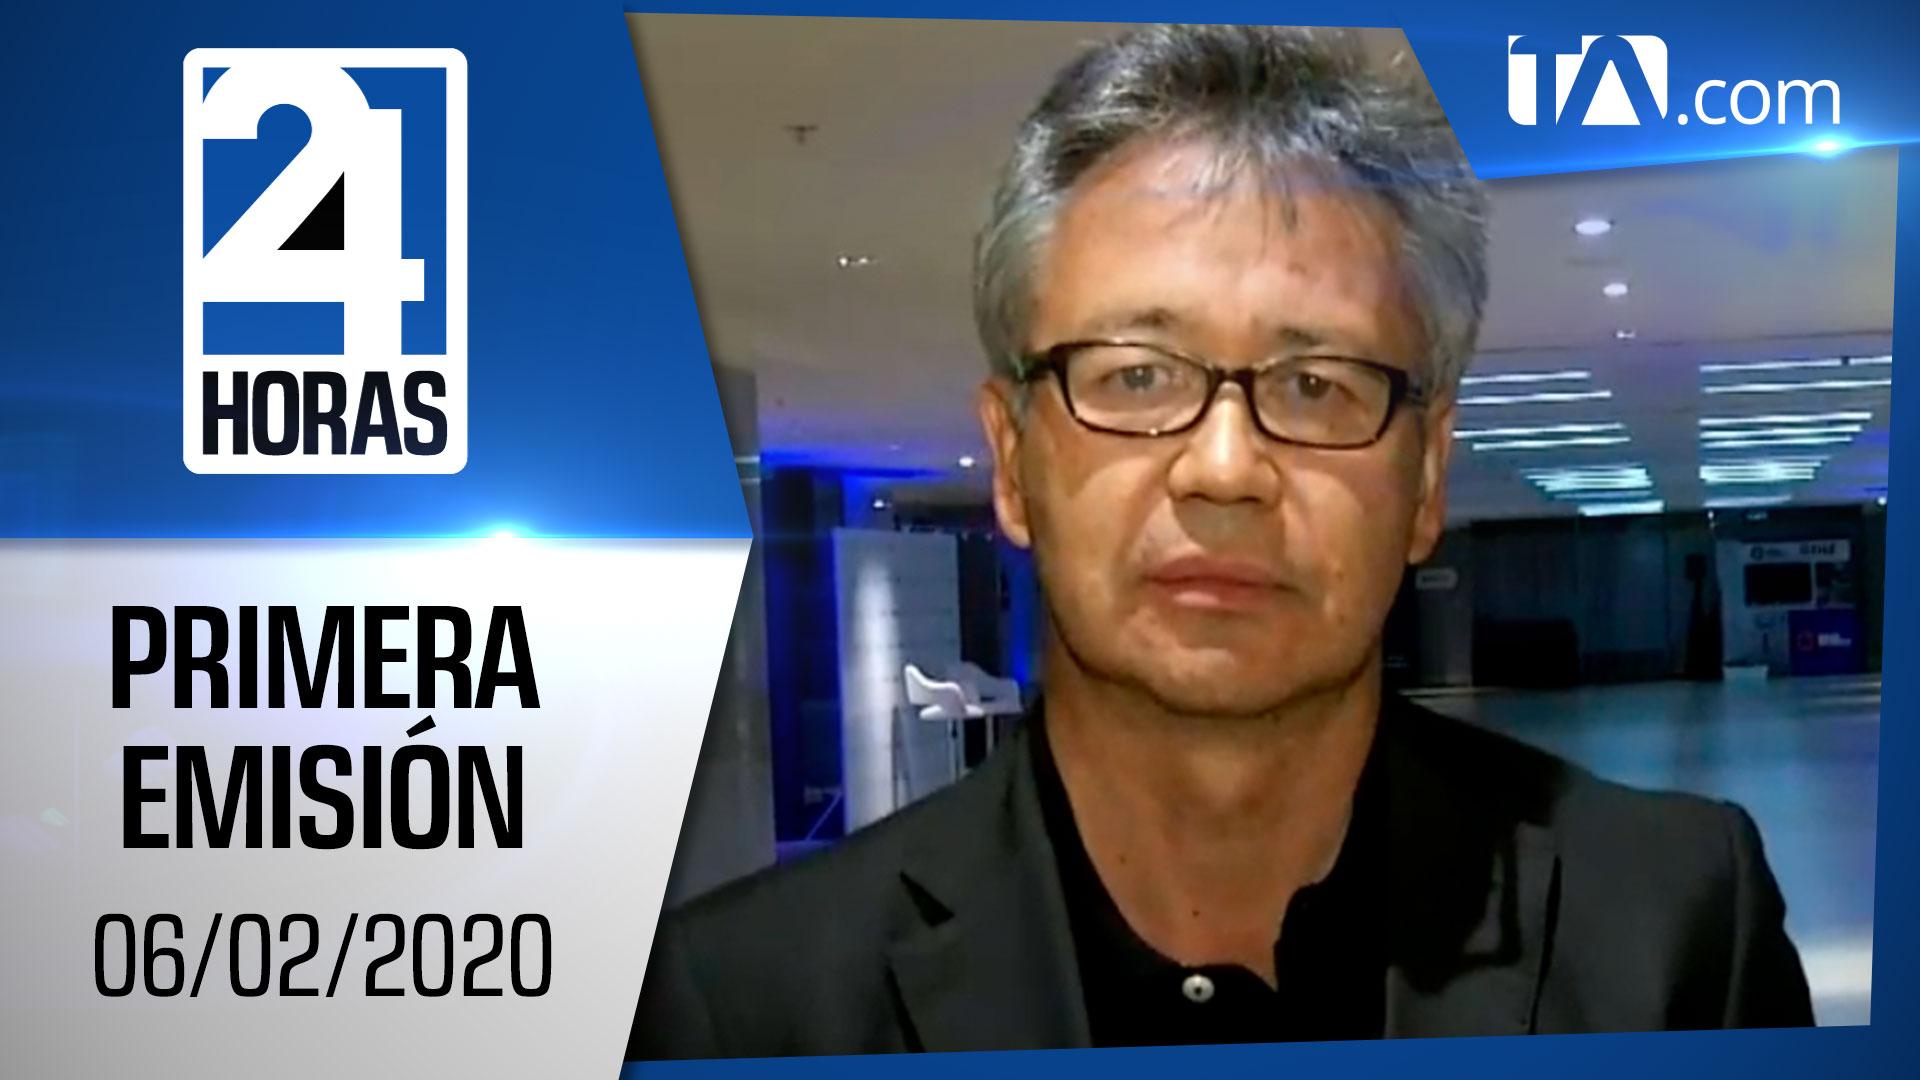 Noticias Ecuador :Noticiero 24 Horas 06/02/2020 (Primera Emisión)